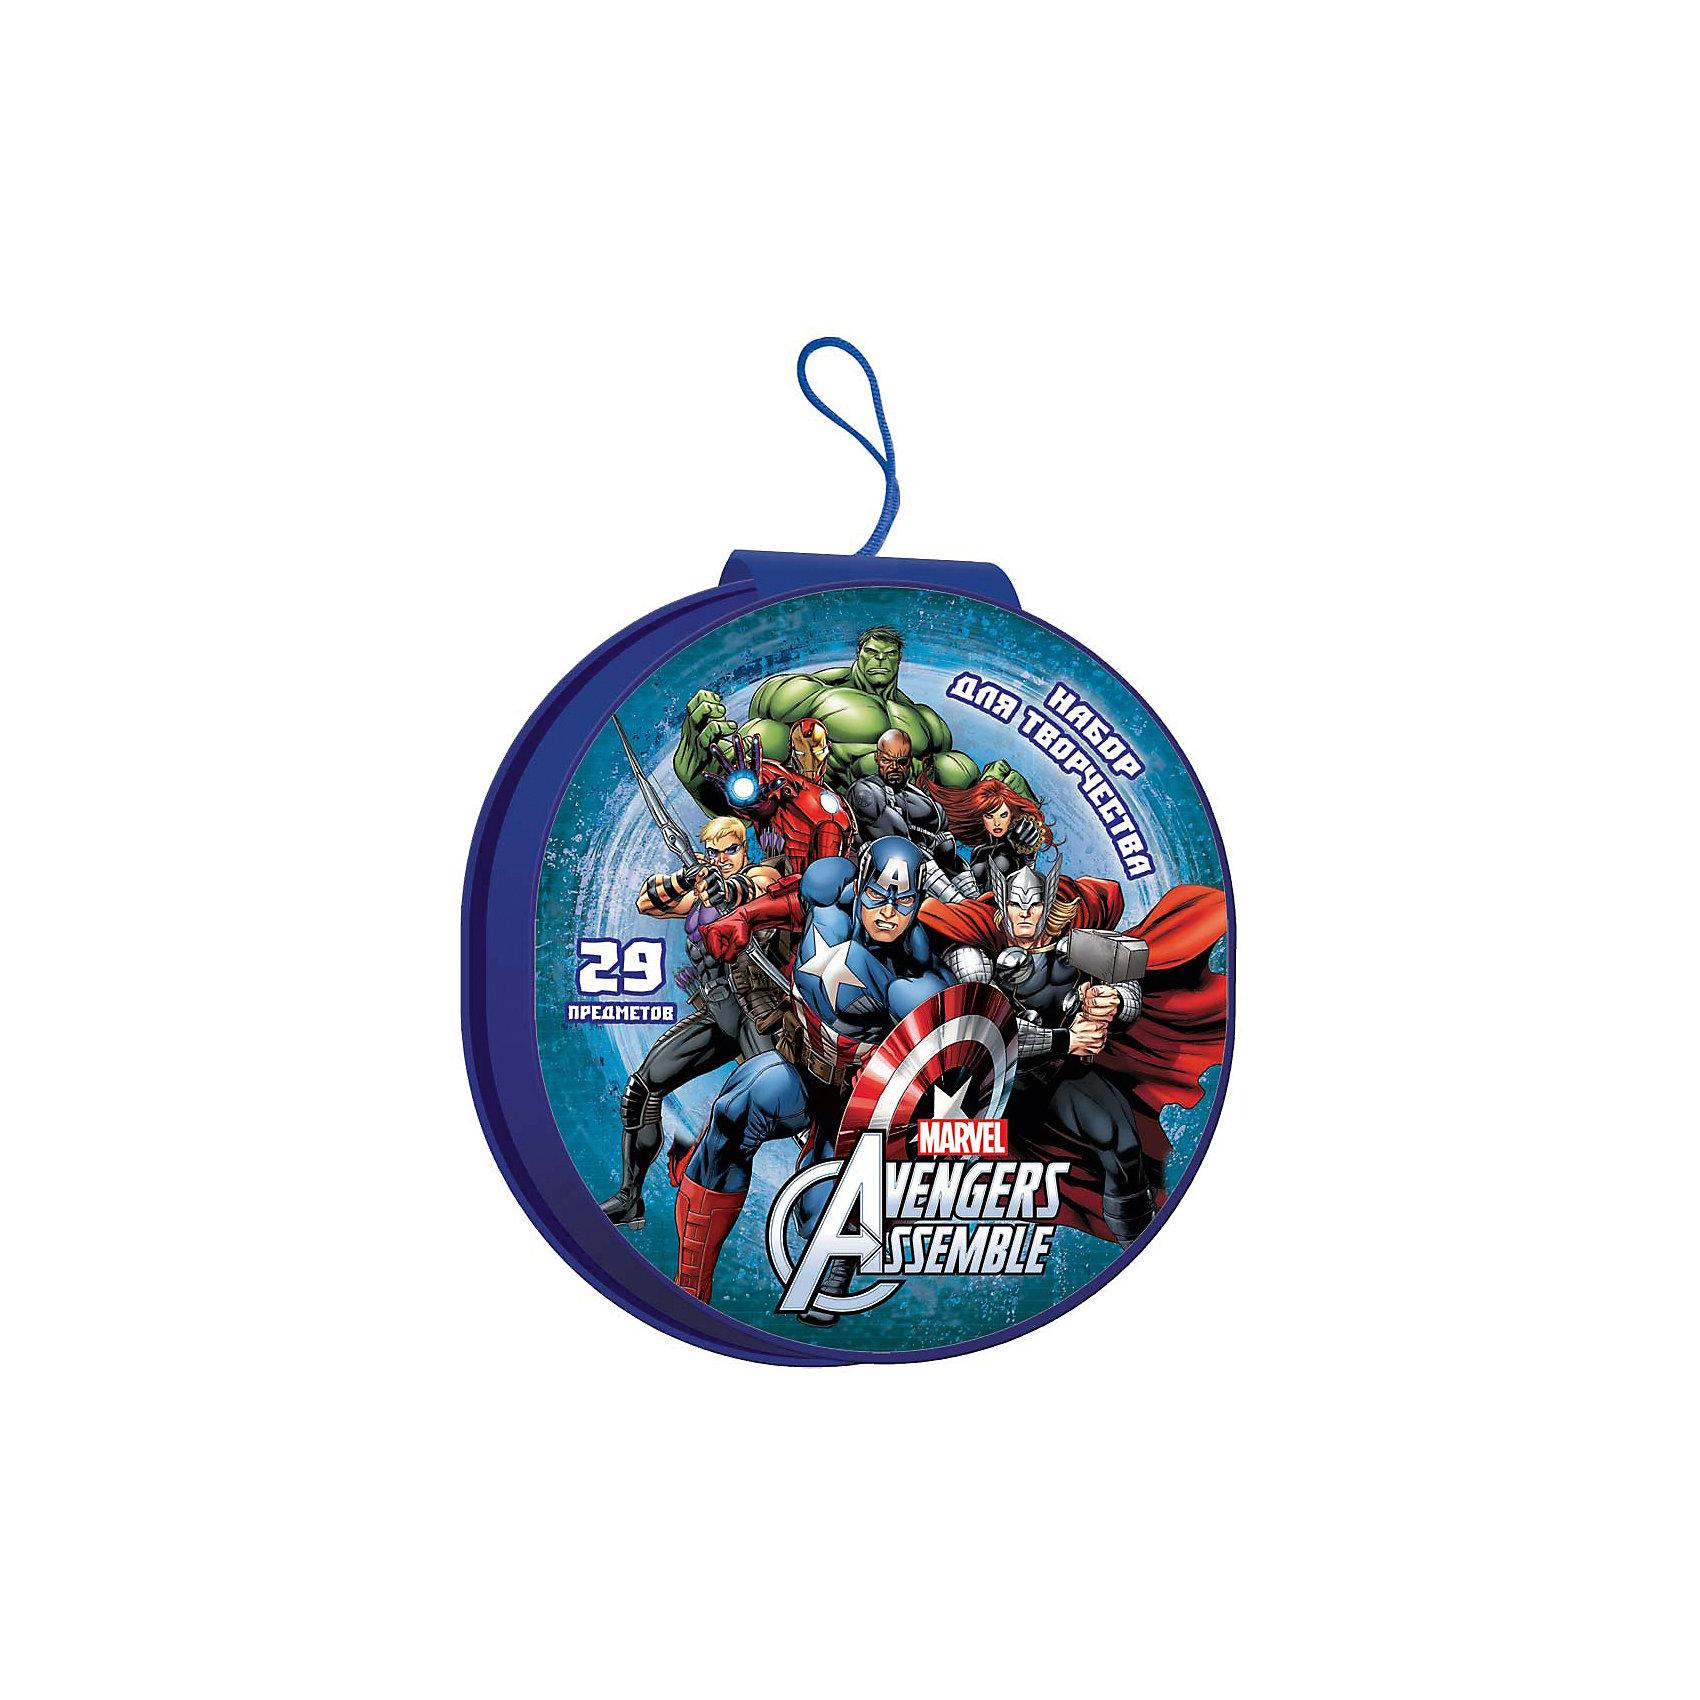 Подарочный набор Disney Мстители-2 29 предметовМстители<br>Подарочный набор Disney Мстители-2 29 предметов, Limpopo (Лимпопо)<br><br>Характеристики:<br><br>• набор поможет развить ребенку фантазию<br>• в комплекте есть всё необходимое для создания рисунком<br>• привлекательный дизайн с любимым персонажем<br>• в комплекте: 6 фломастеров, 4 карандаша, краски (5 цветов), 4 восковых мелка, 4 пластиковых мелка, палитра, ластик, точилка, блокнот<br>• размер упаковки: 19х5х21 см<br>• вес: 229грамм<br><br>Рисовать очень весело, особенно когда под рукой есть всё необходимое! В набор Disney Мстители-2 входят мелки, краски, карандаши и многое другое. Все предметы находятся в удобной упаковке с изображением персонажей комиксов. Палитра научит ребенка создавать новые цвета путем смешивания разных цветов. Компактный размер набора позволит взять его в дорогу, в поликлинику или в гости. Отважные герои помогут ребёнку создать самые восхитительные шедевры и весело провести время!<br><br>Подарочный набор Disney Мстители-2 29 предметов, Limpopo (Лимпопо)можно купить в нашем интернет-магазине.<br><br>Ширина мм: 210<br>Глубина мм: 50<br>Высота мм: 190<br>Вес г: 233<br>Возраст от месяцев: 48<br>Возраст до месяцев: 144<br>Пол: Мужской<br>Возраст: Детский<br>SKU: 5390297